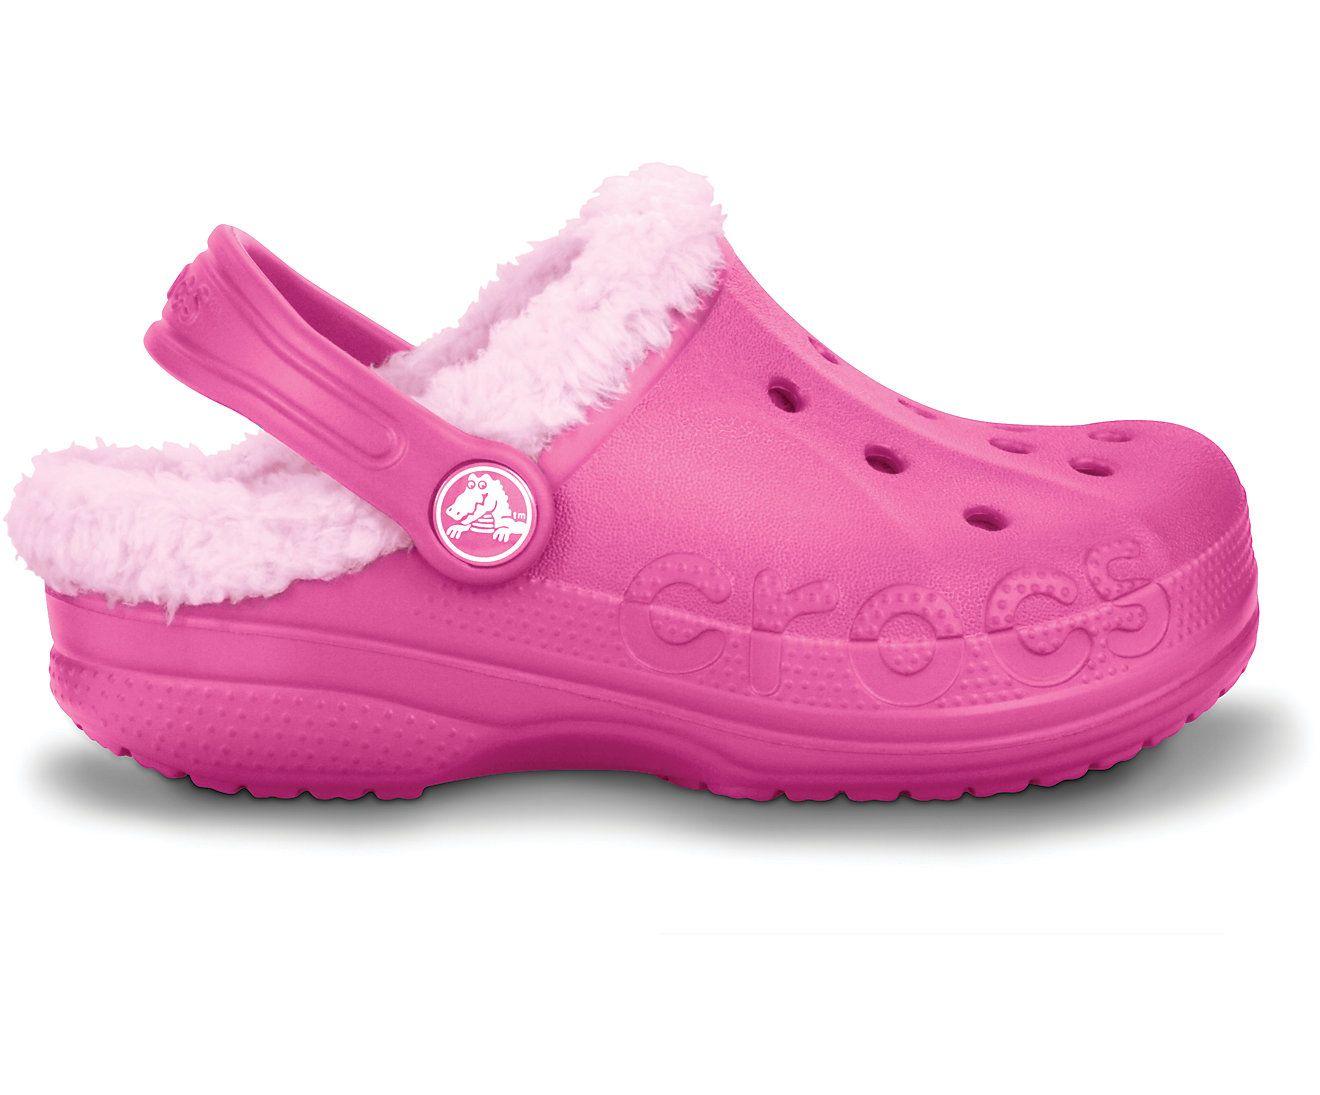 a4da975ae3e5 Crocs™ Baya Lined Kids